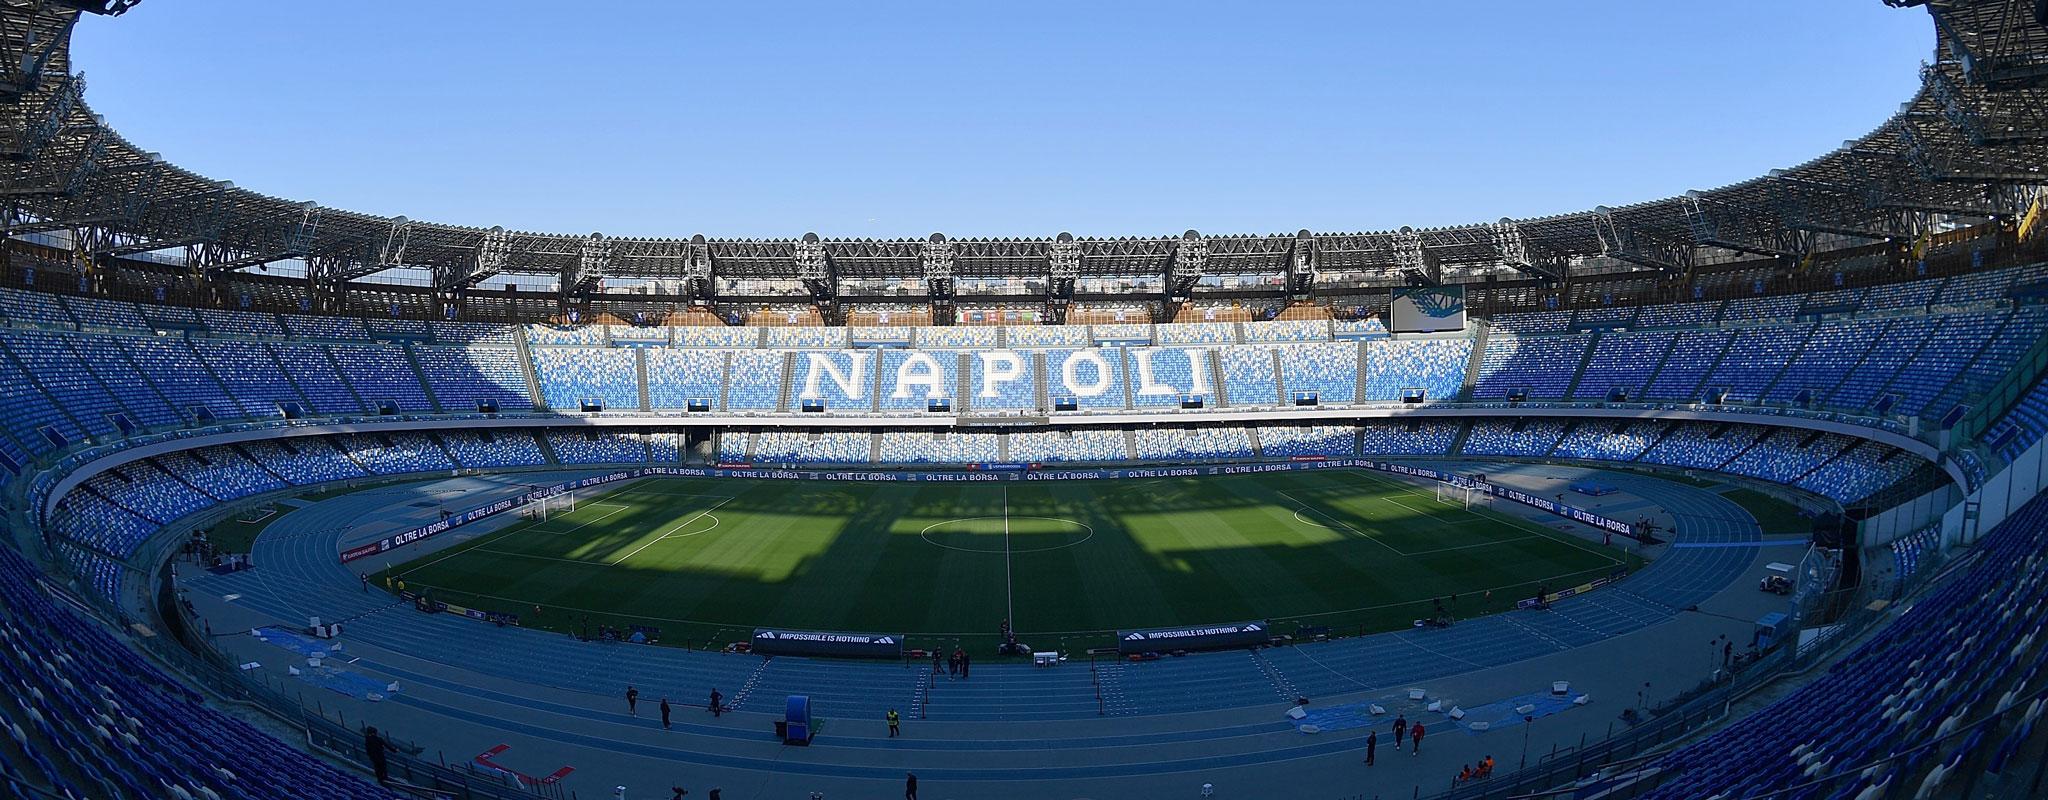 Napoli Az Alkmaar Uefa Europa League Uefa Com